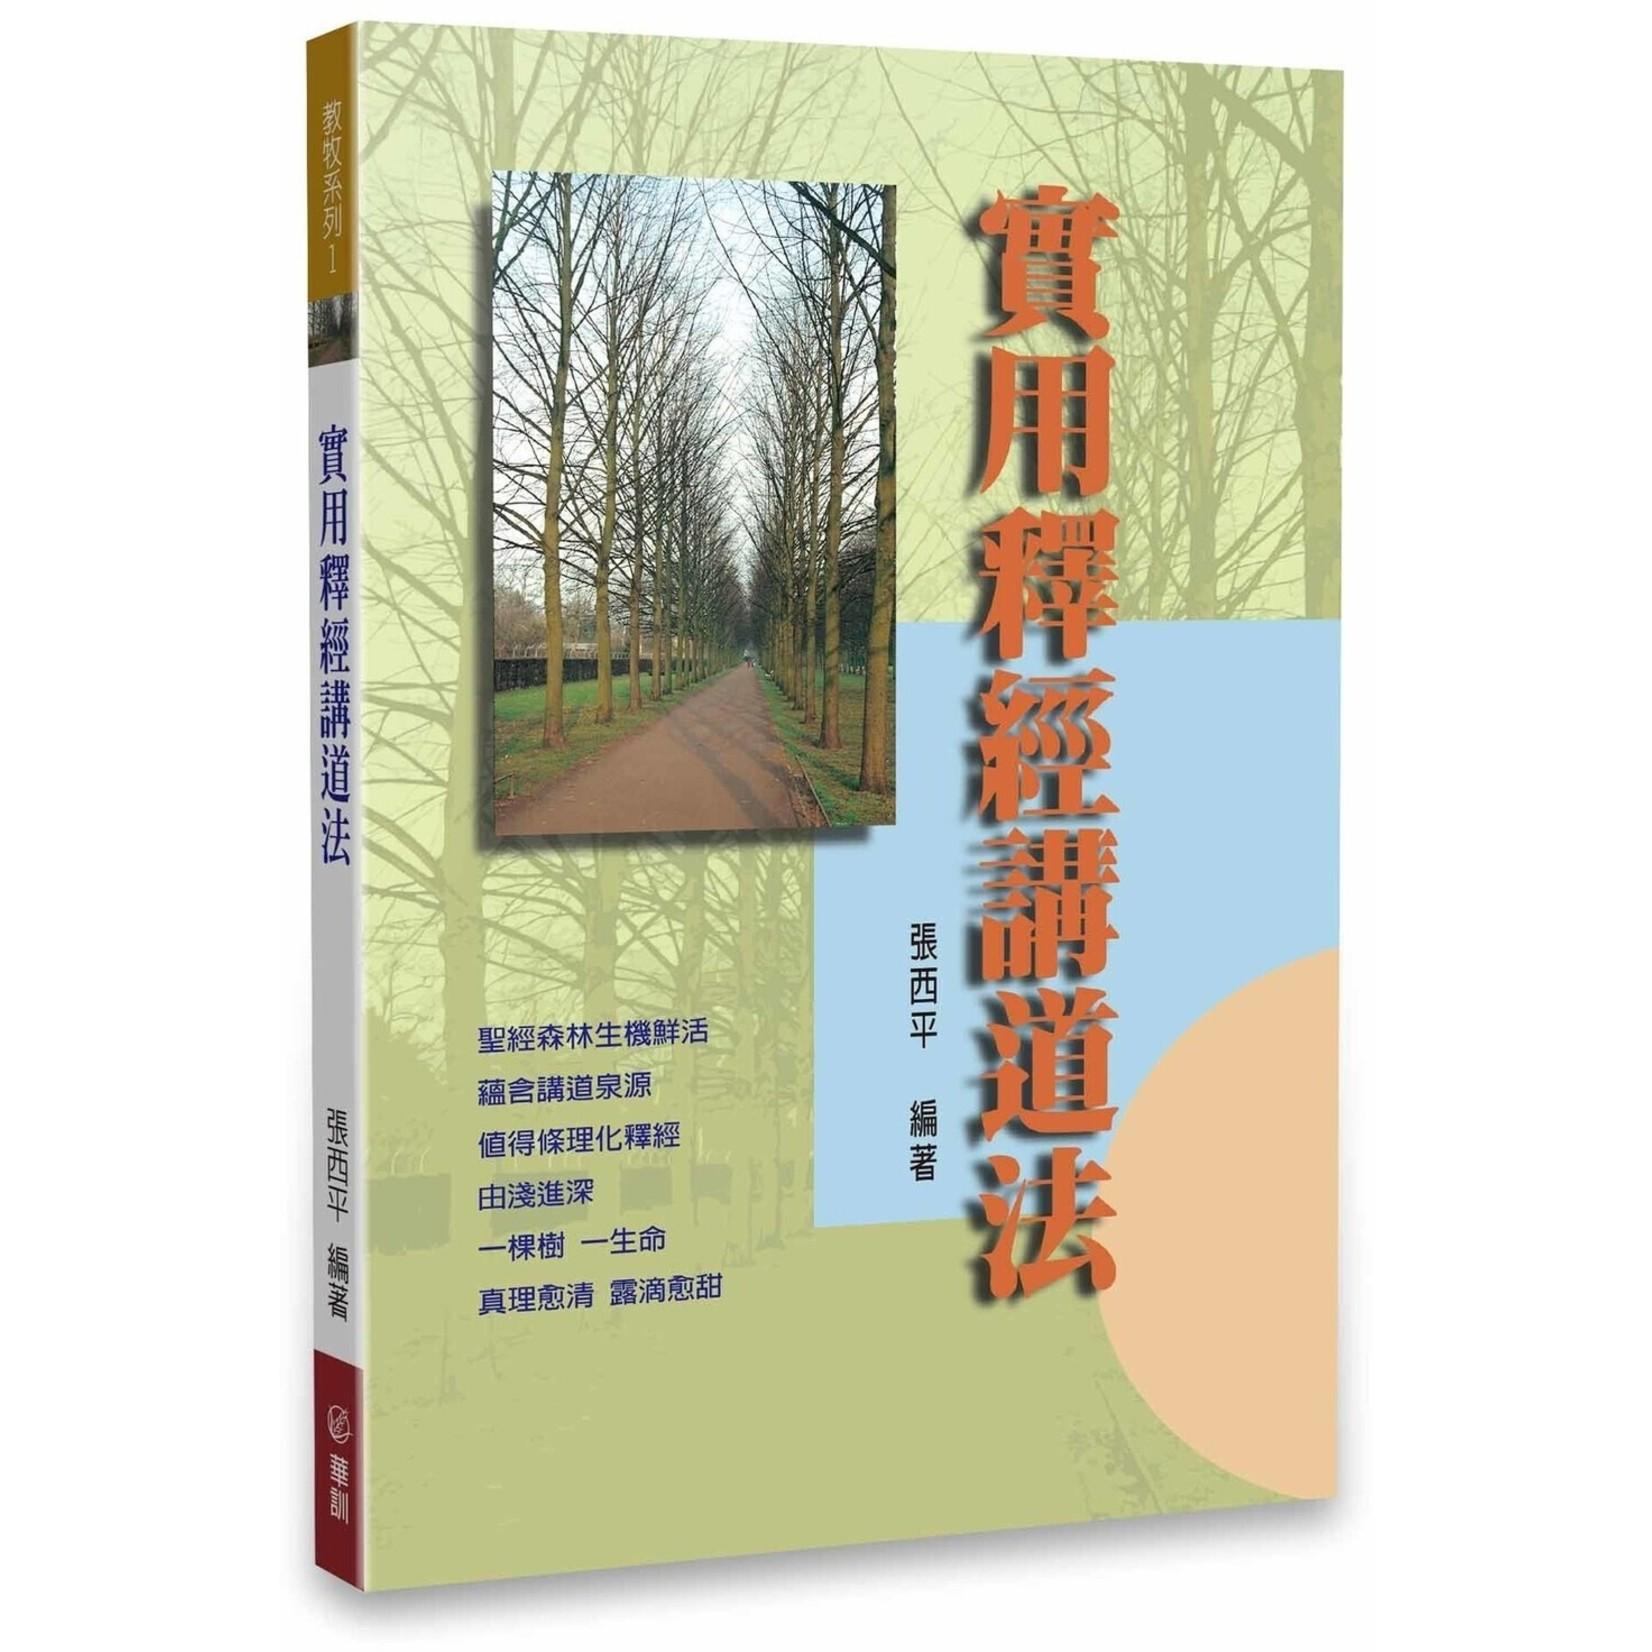 華人基督徒培訓供應中心 Chinese Christian Training Resources Center 實用釋經講道法